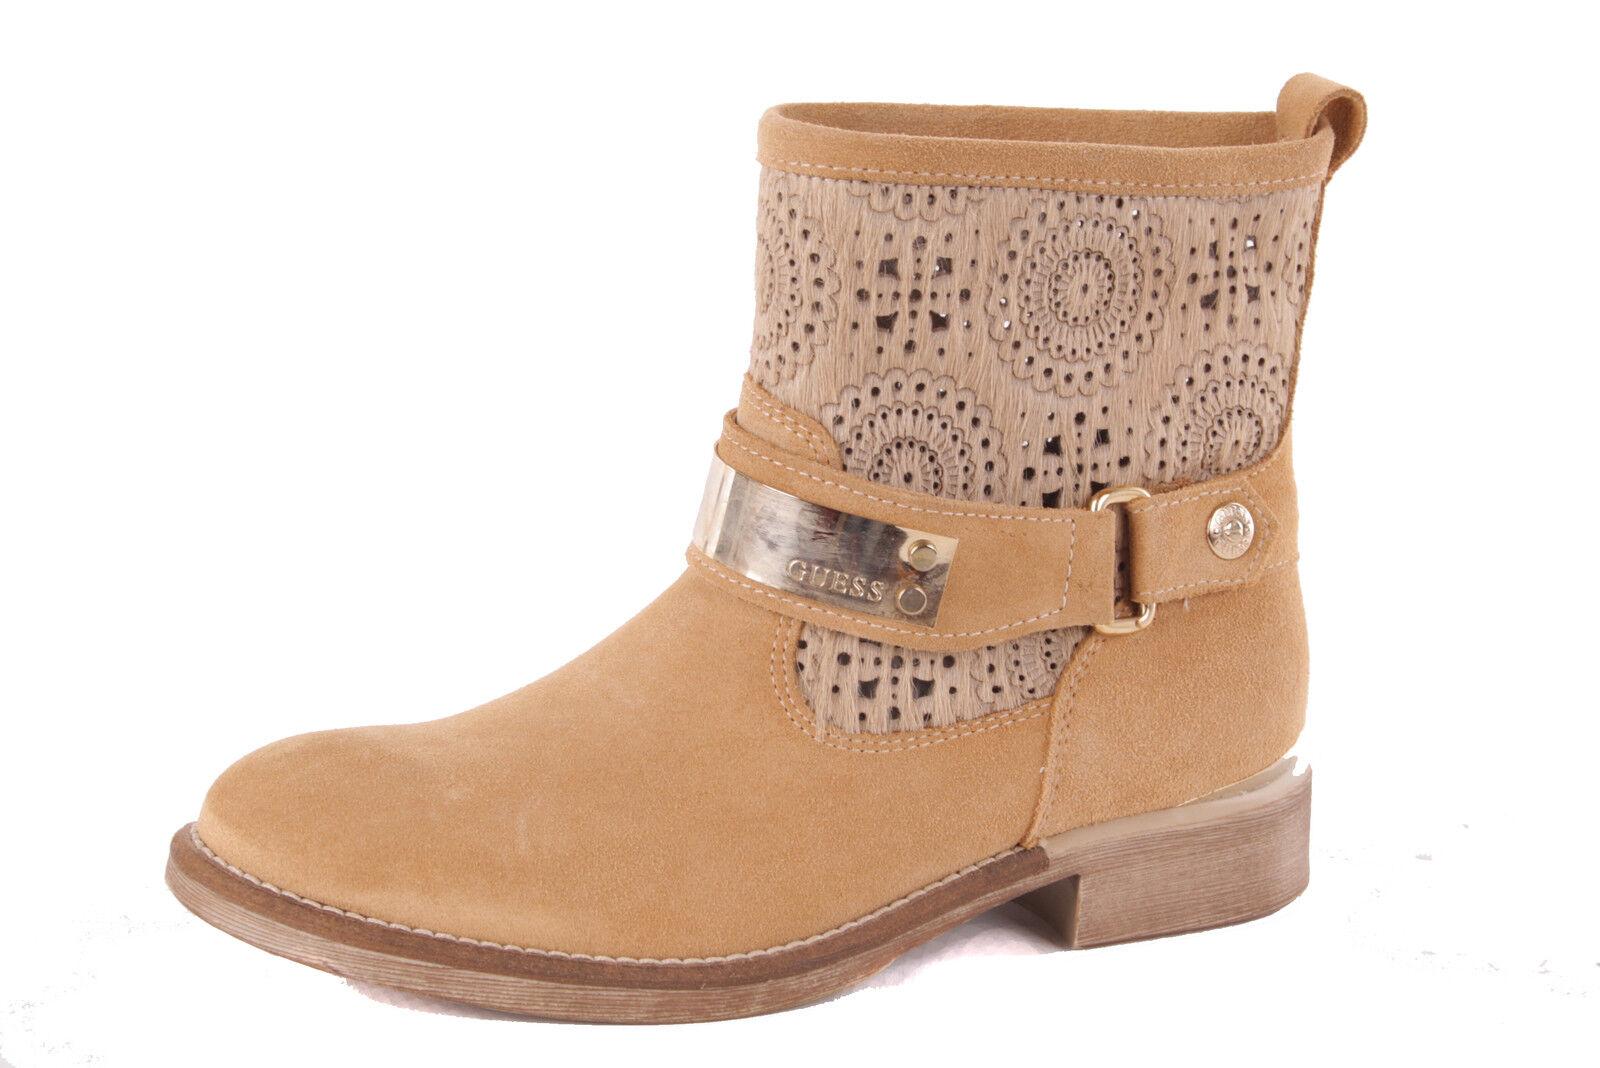 Guess DaHommes DaHommes DaHommes  Stiefel Stiefeletten Boots Beige Used | Nouvelle Arrivée  bd8e42